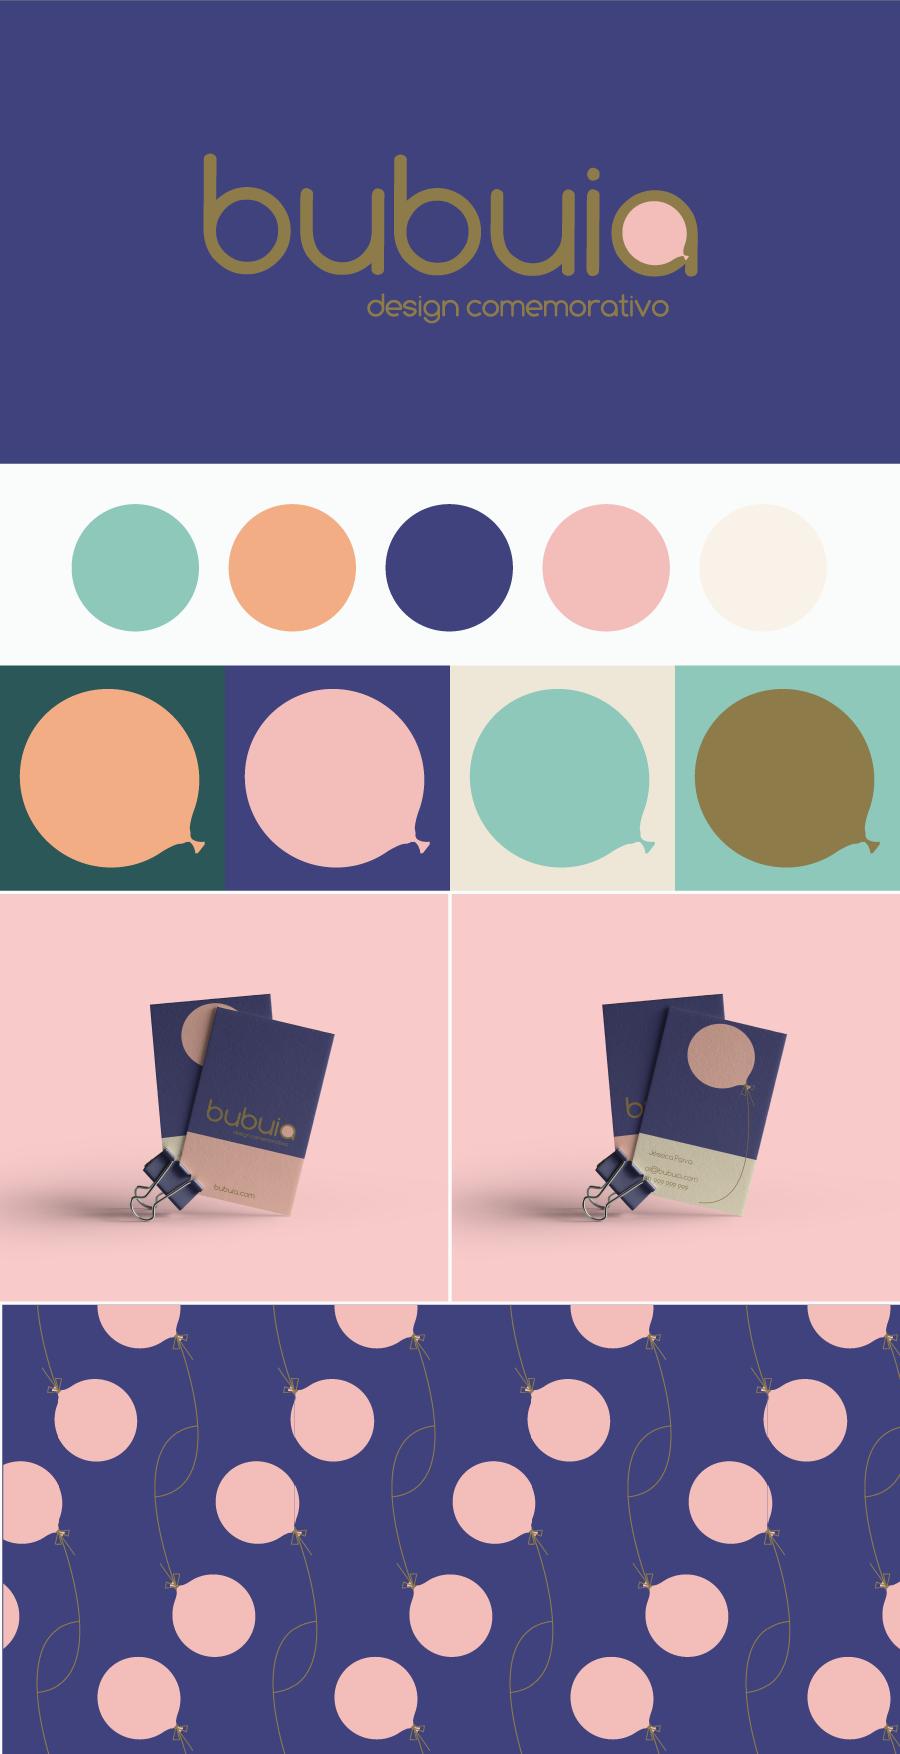 Bubuia - Identidade Visual-01.png